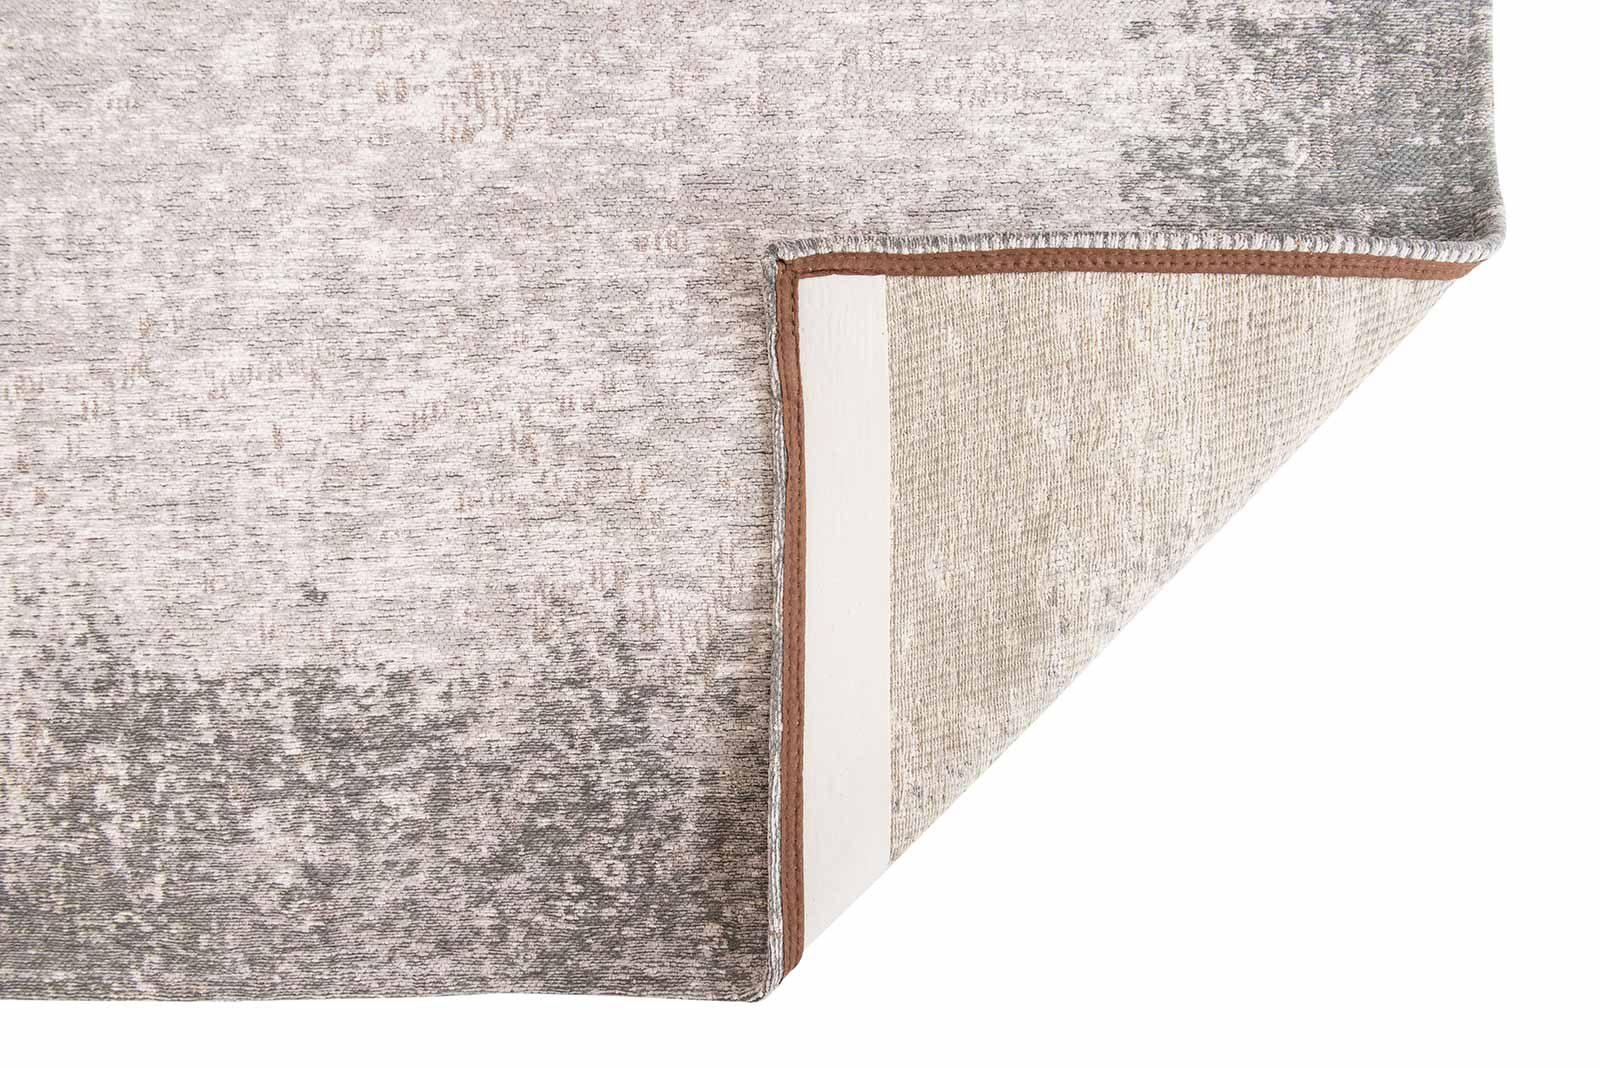 Louis De Poortere alfombras Villa Nova LX 8772 Marka Dove back